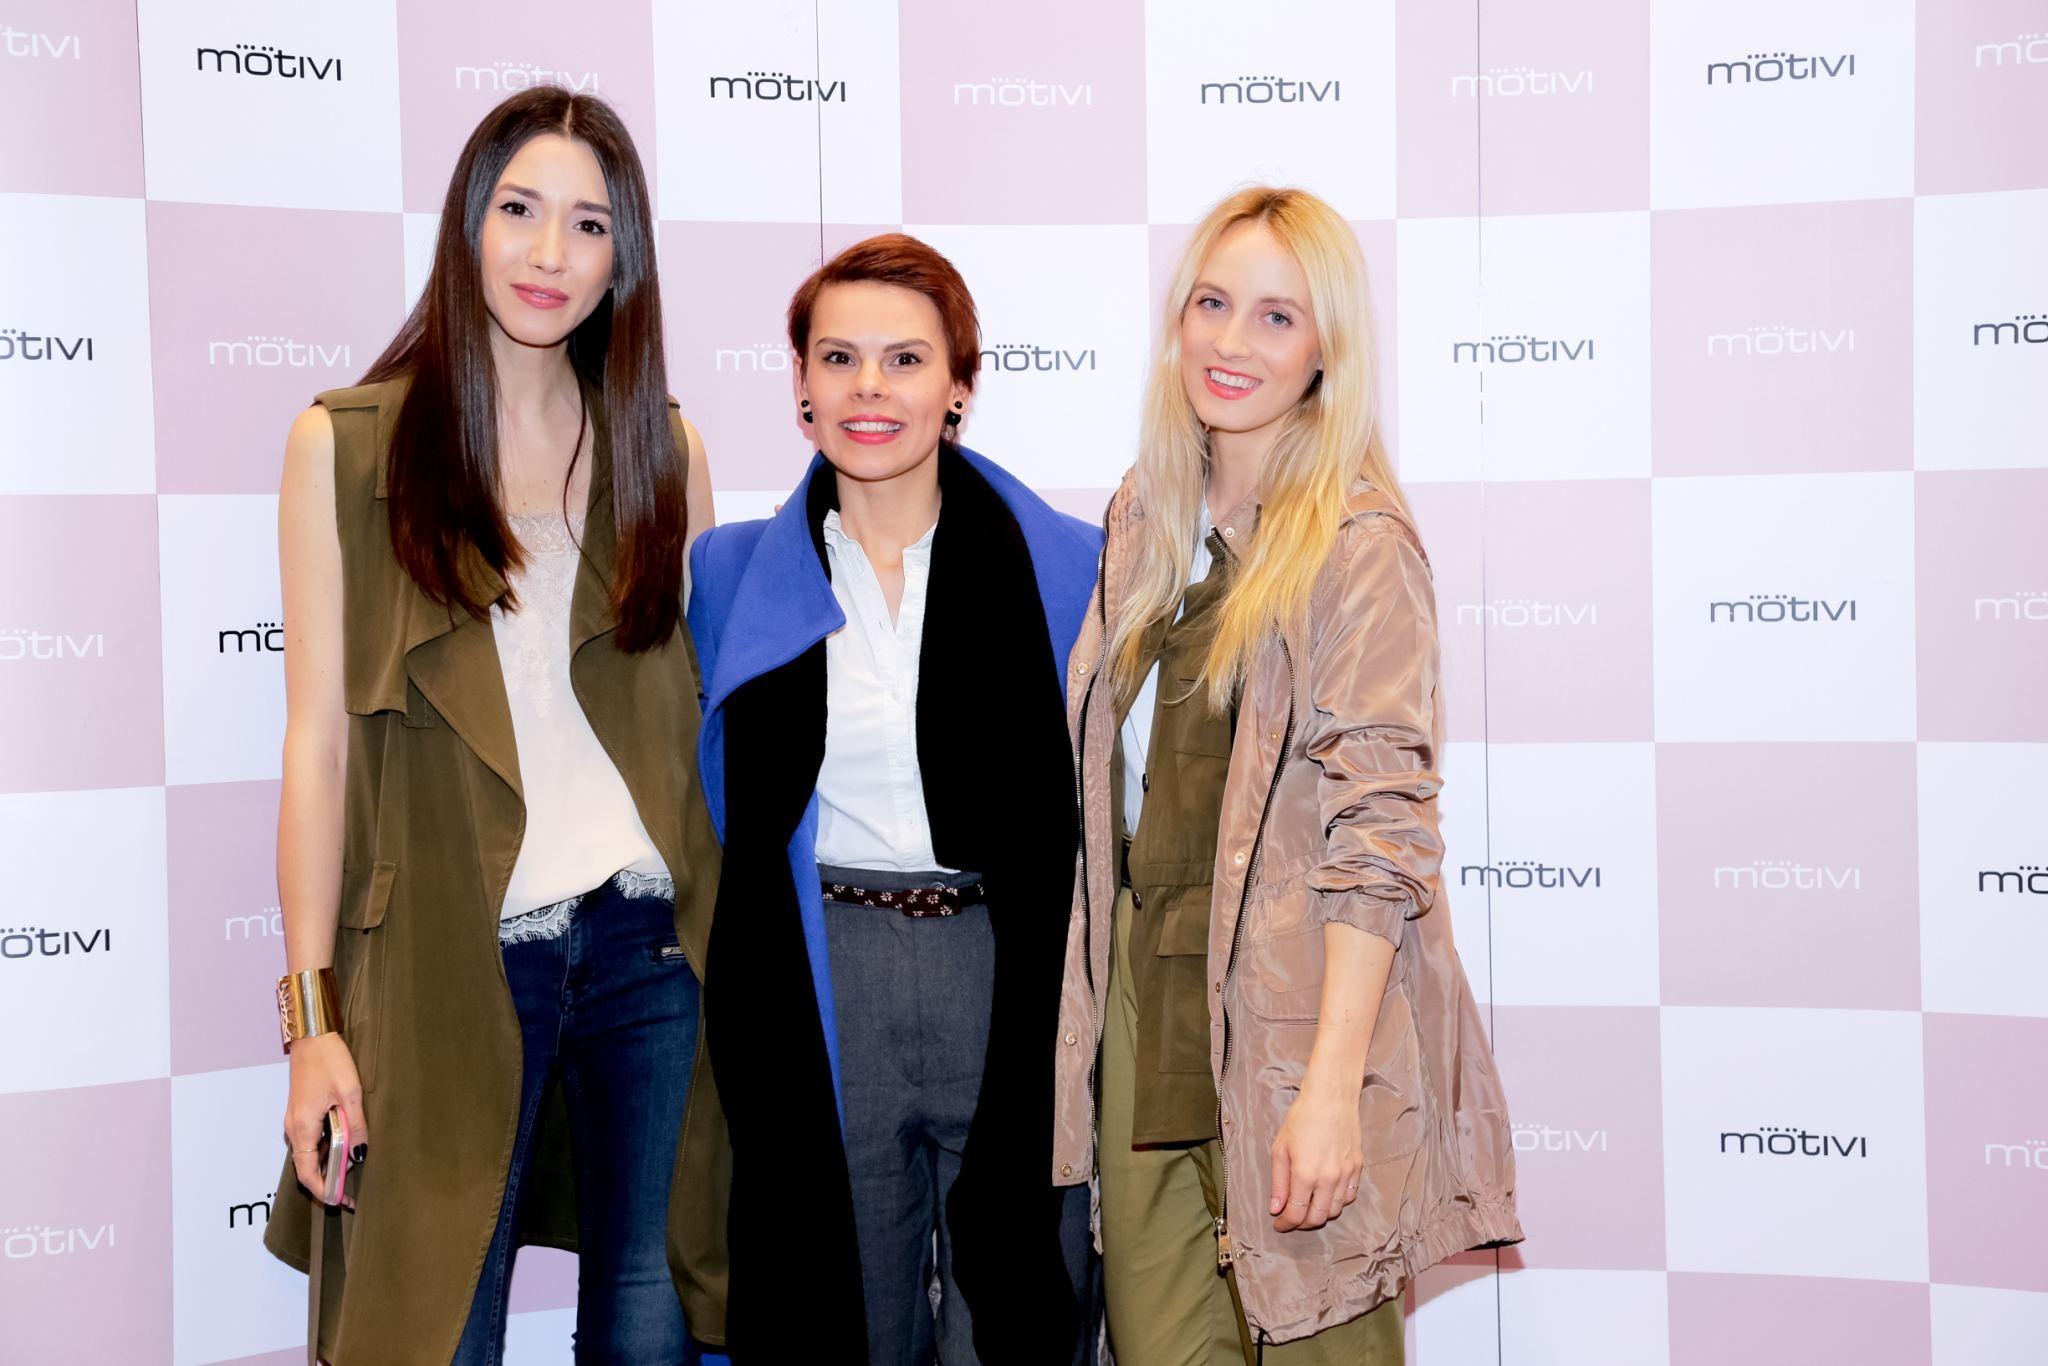 6curs_styling_fabulous_muses_motivi_afi_diana_enciu_alina_tanasa